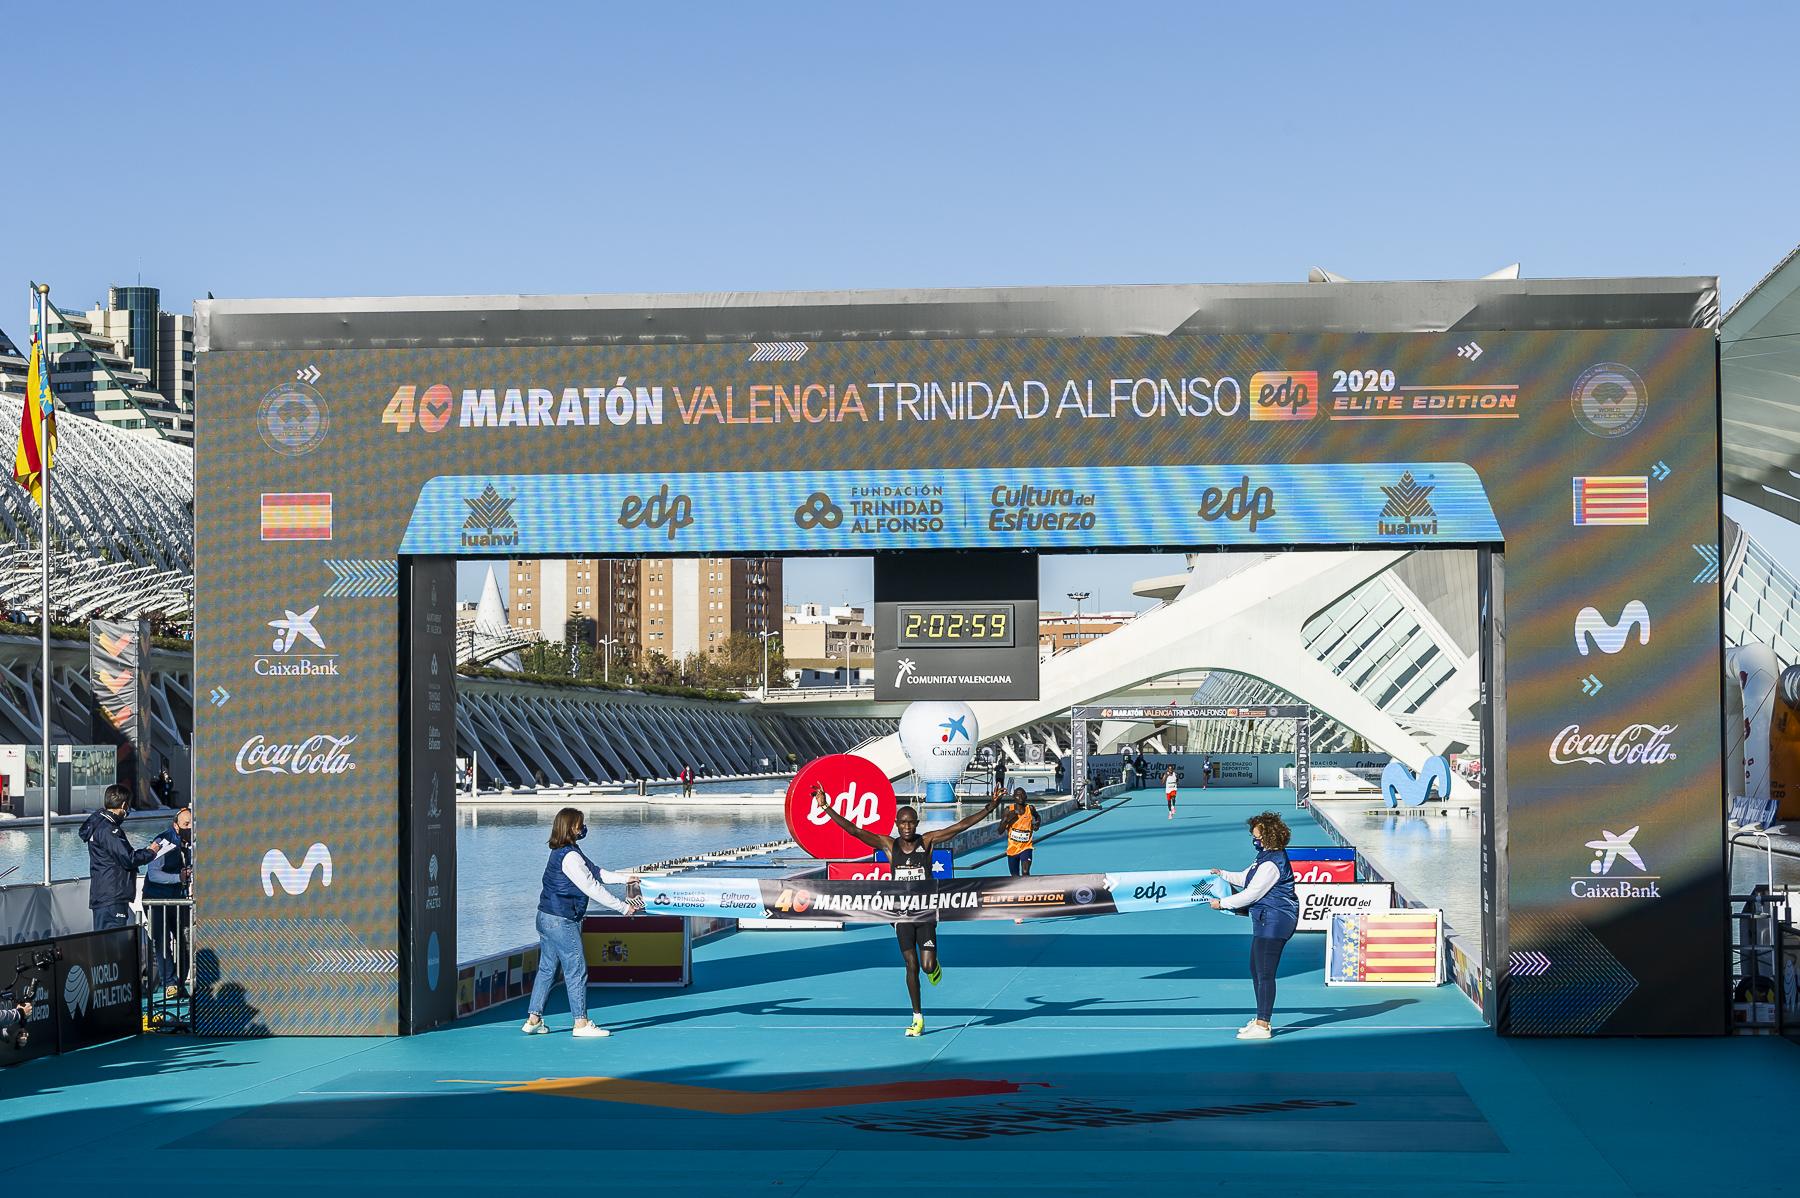 Maratón y Media Maratón Valencia 2020